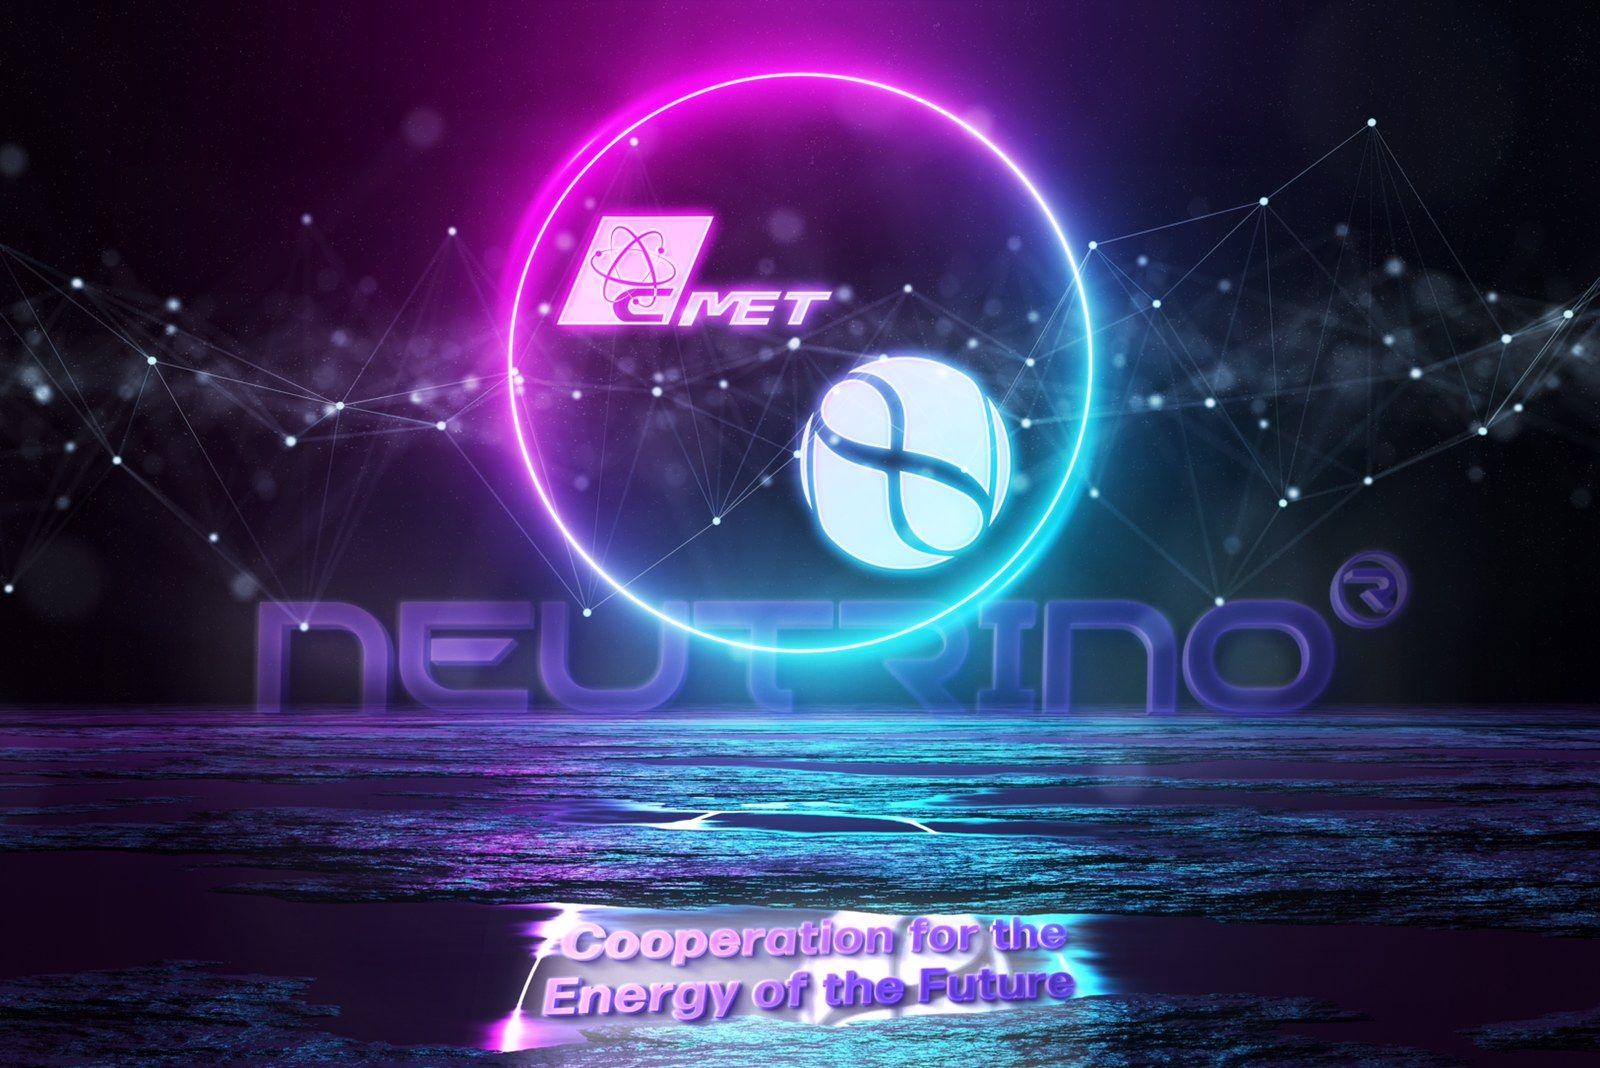 Fotografia Neutrino Energy - El mundo está preparado para una nueva